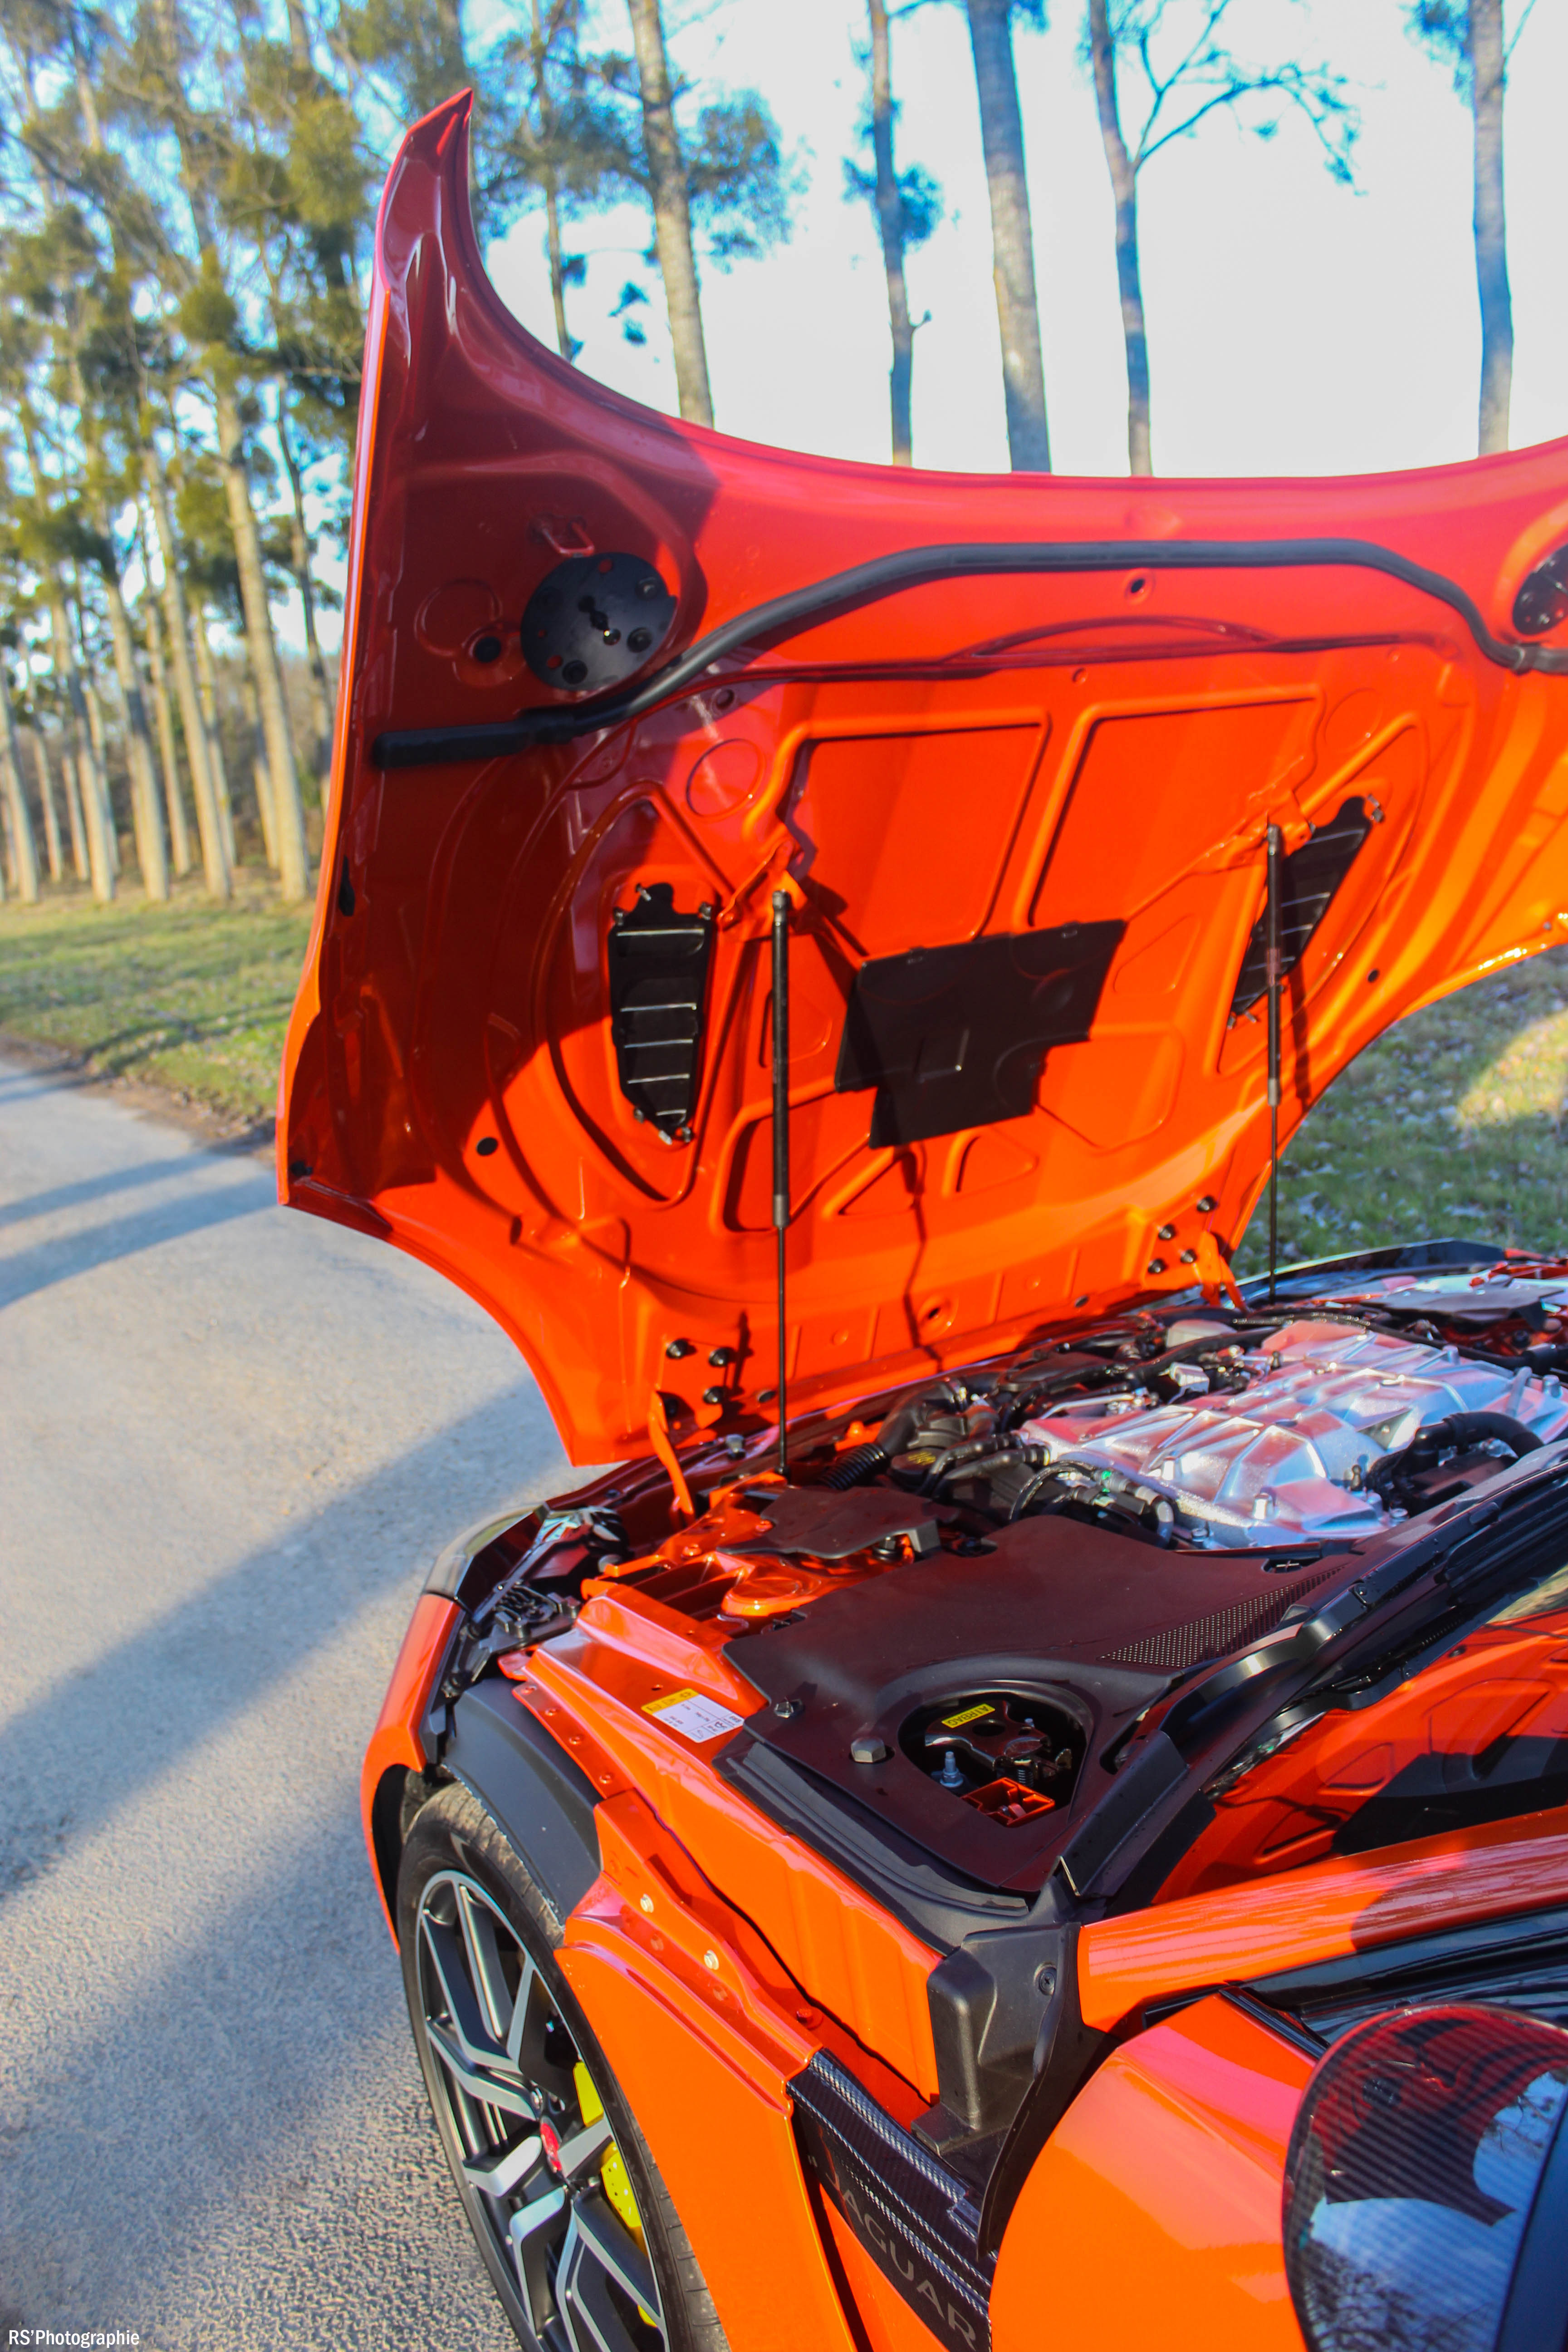 jaguarftypesvr16-jaguar-ftype-svr-moteur-engine-arnaud-demasier-rsphotographie